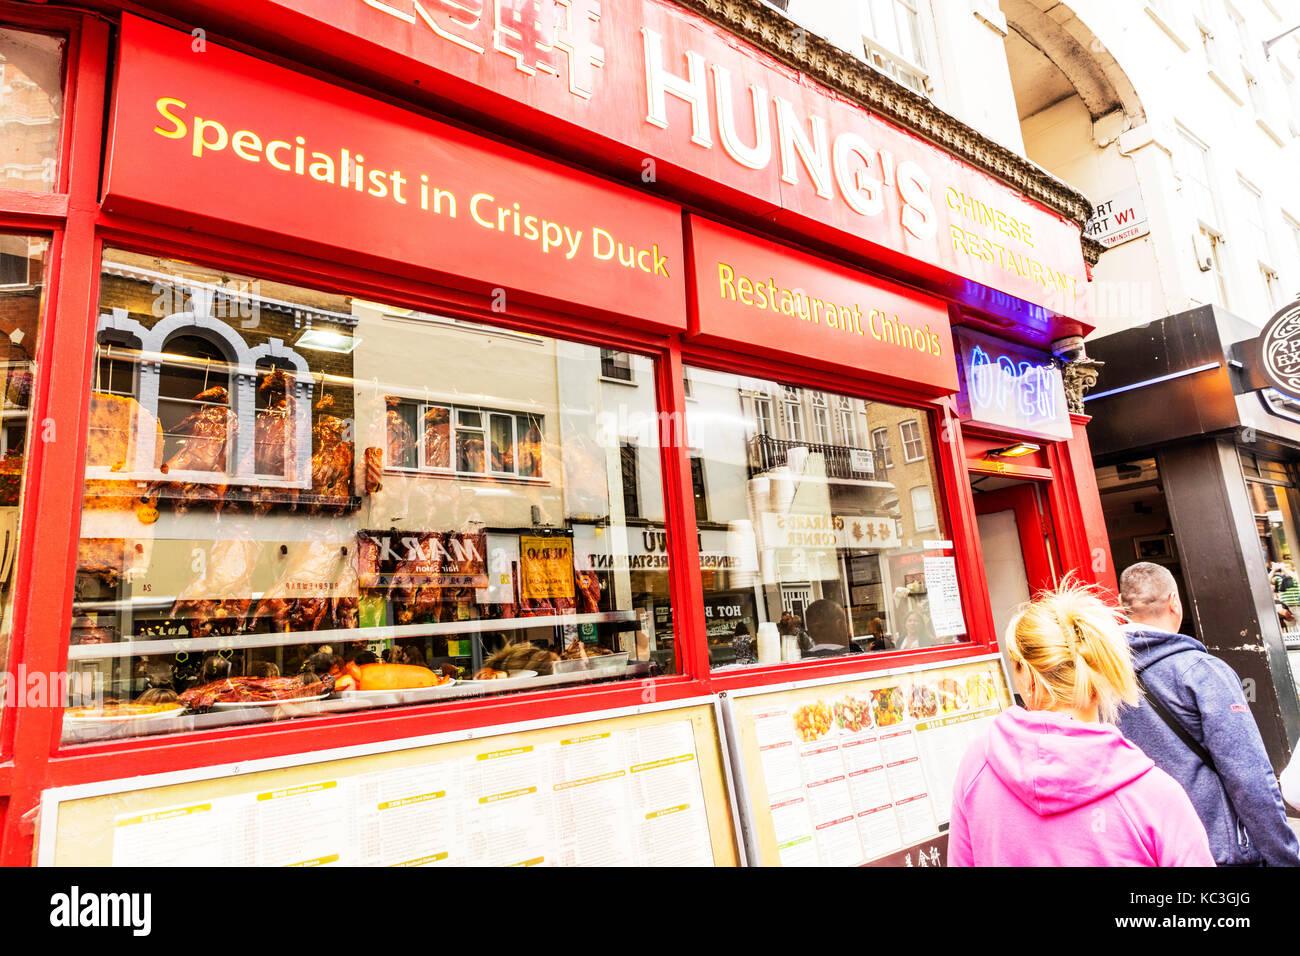 Chinatown restaurant London UK England, London Chinatown restaurant window display, Crispy Duck Chinese style, Chinese - Stock Image